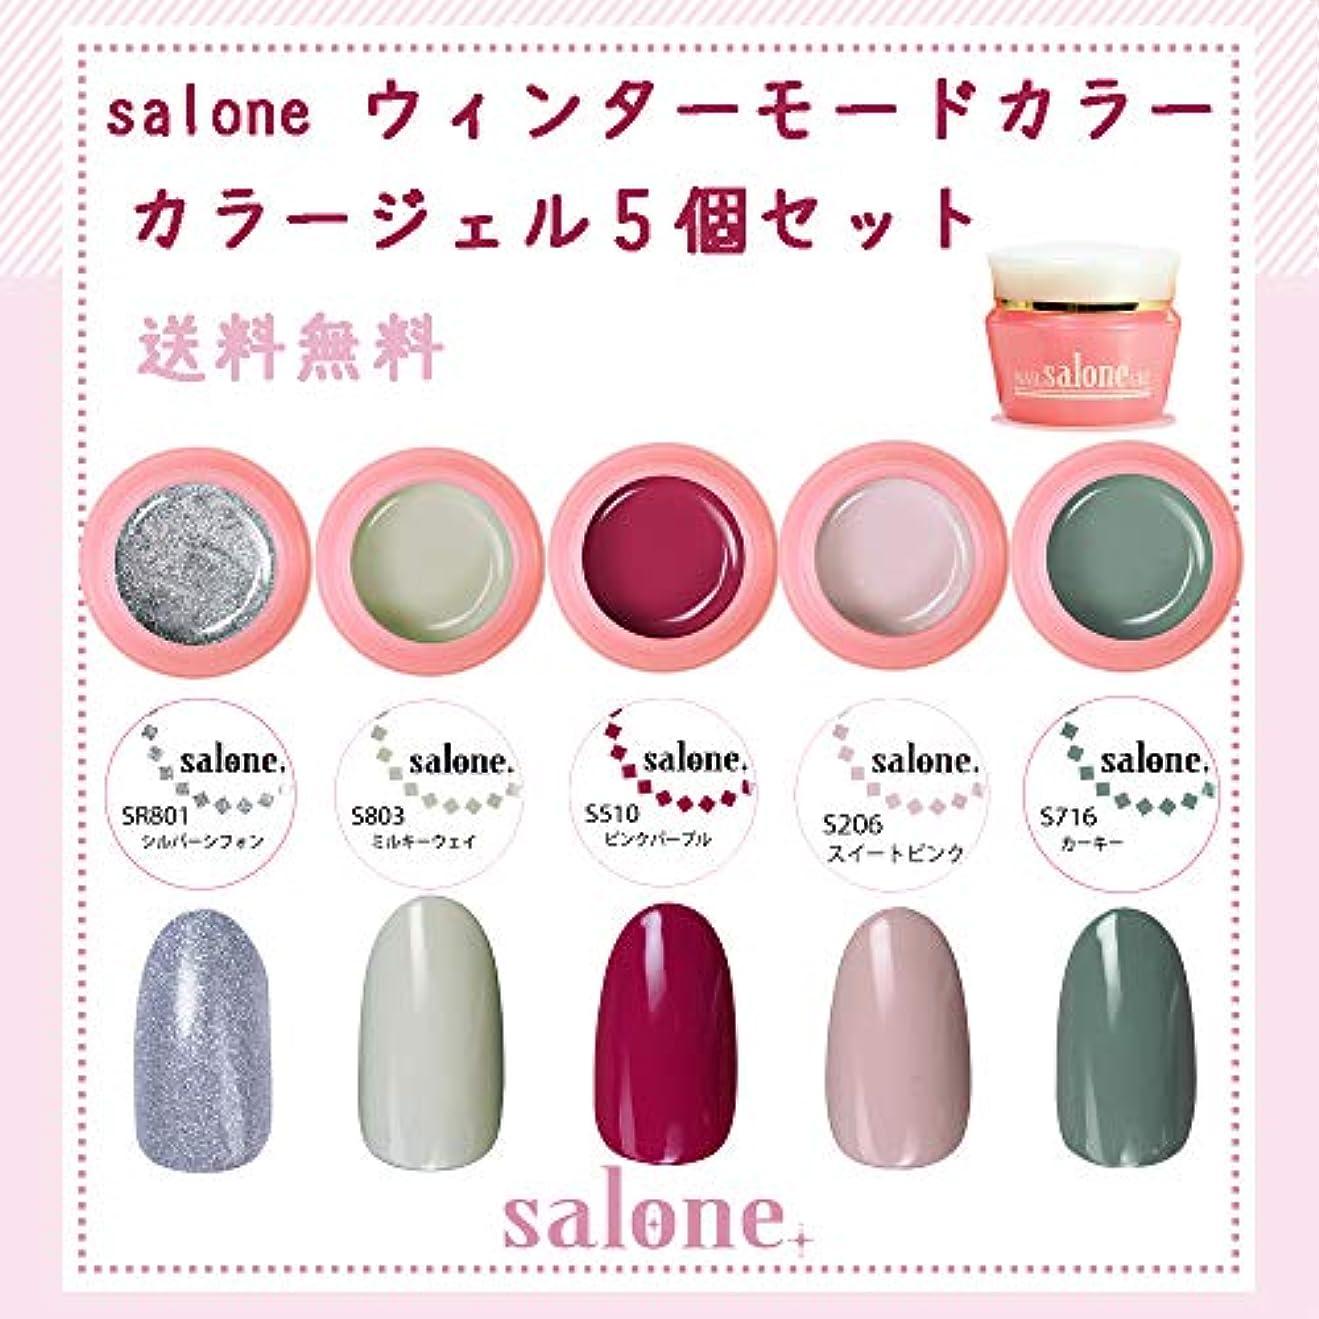 利益条件付きぐるぐる【送料無料 日本製】Salone モード カラージェル5個セット ネイルのマストカラーオシャレなモードカラー